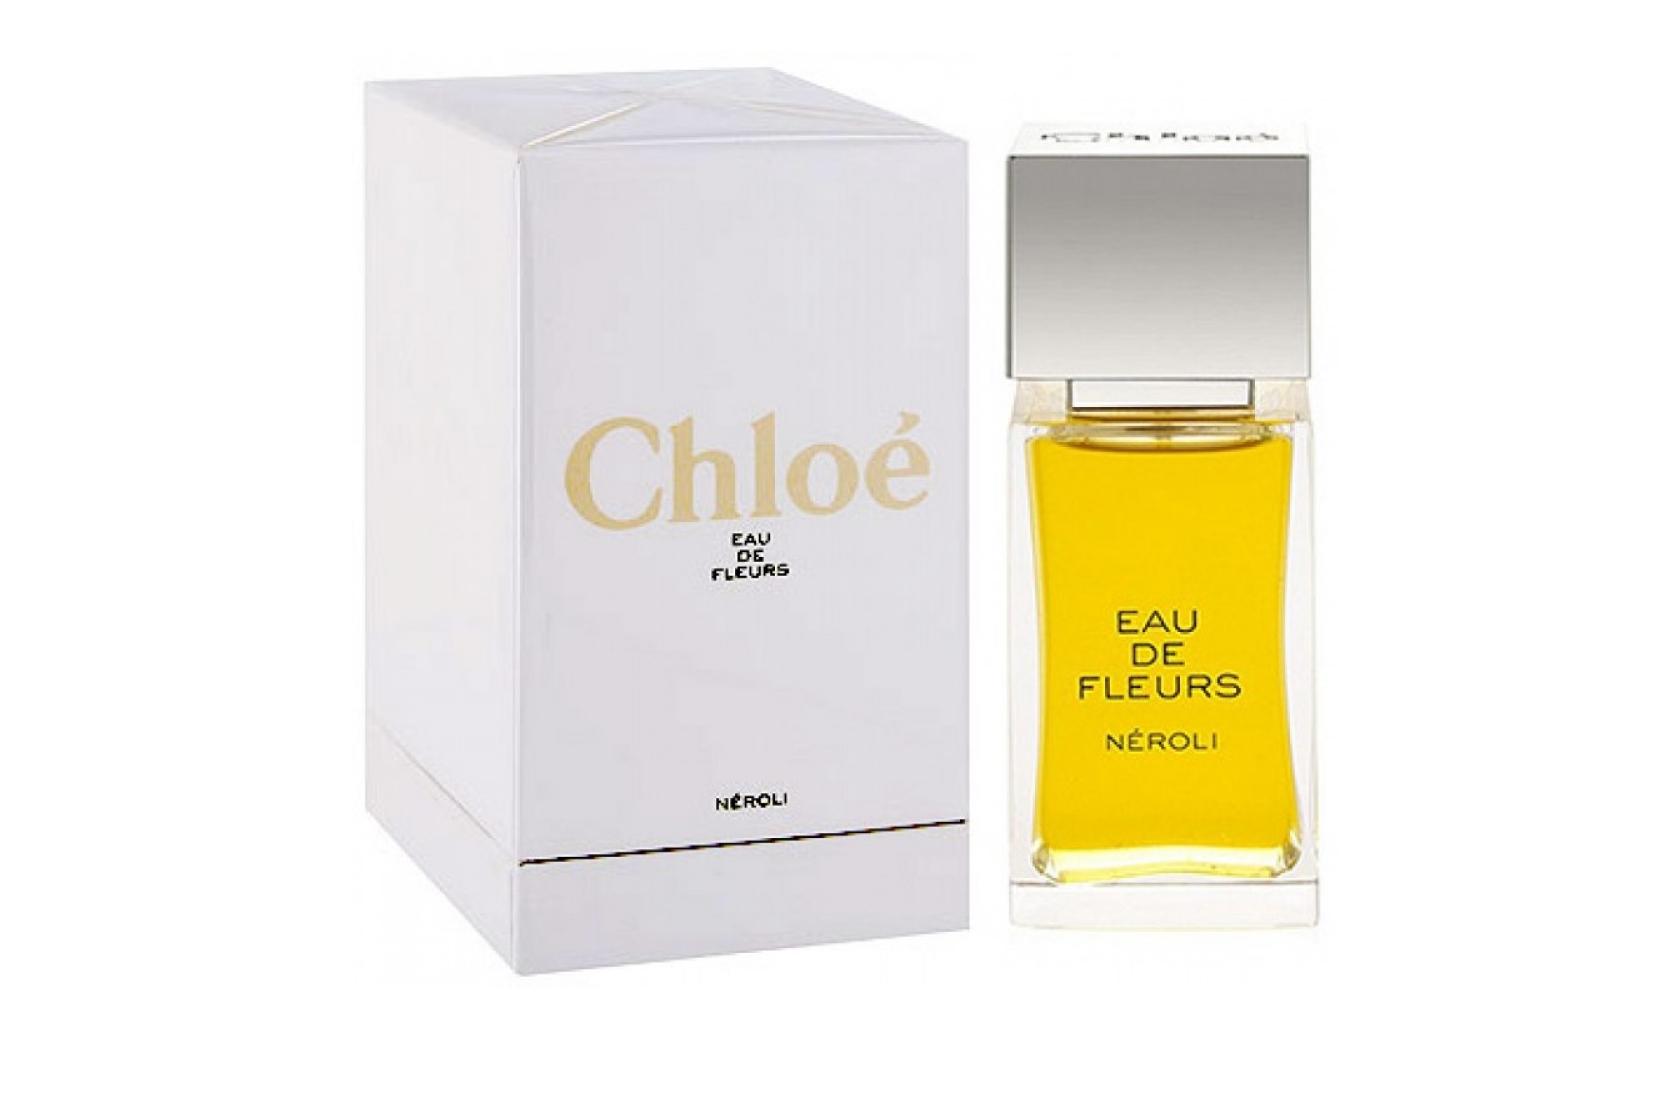 Chloe Eau du Fleur Neroli-Сильный аромат! Напоминает некую загадочность и воспоминания из детства. Это хрустальная чистота и свежесть, приправленные ностальгическими солнечными нотками. Тонкие ароматы нероли вызывают радостную улыбку, навевая приятные воспоминания.Парфюм, Чистый, лаконичный и роскошный!